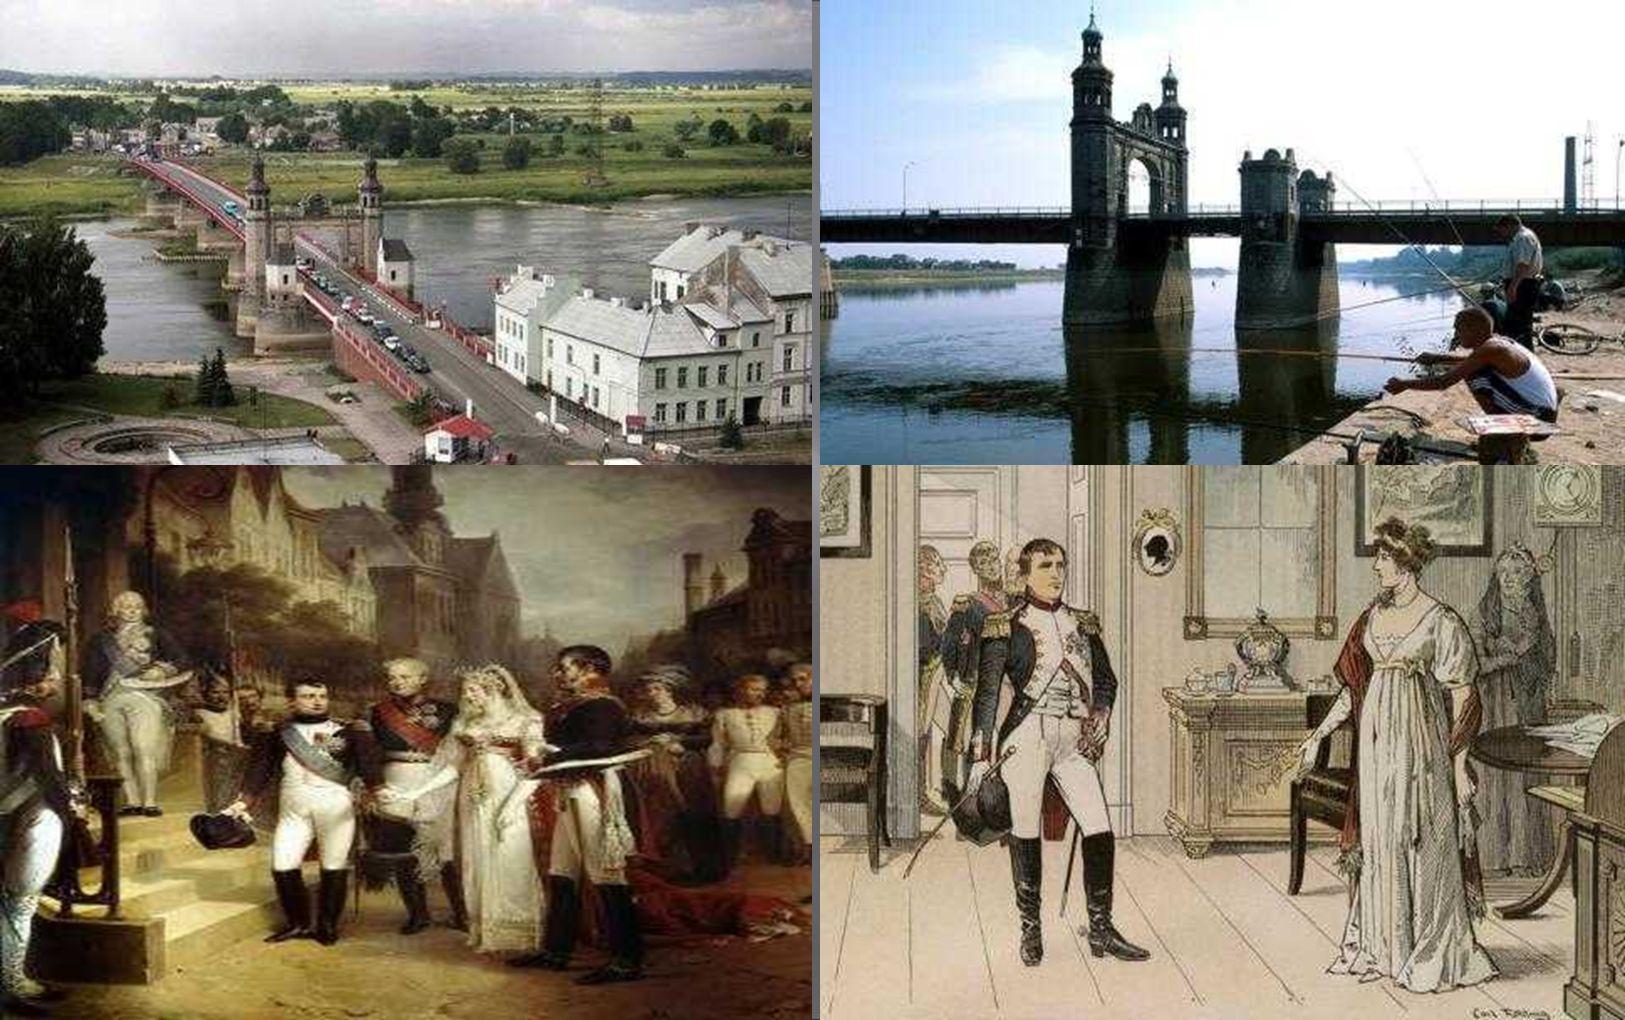 die berühmte Königin Luise Brücke in Tilsit (Memel) trennt heute das russische Ostpreußen vom Memelgebiet – heute Litauen; Monarchen-Treffen: Napoléon Bonaparte mit Königin Luise von Preussen am 6.